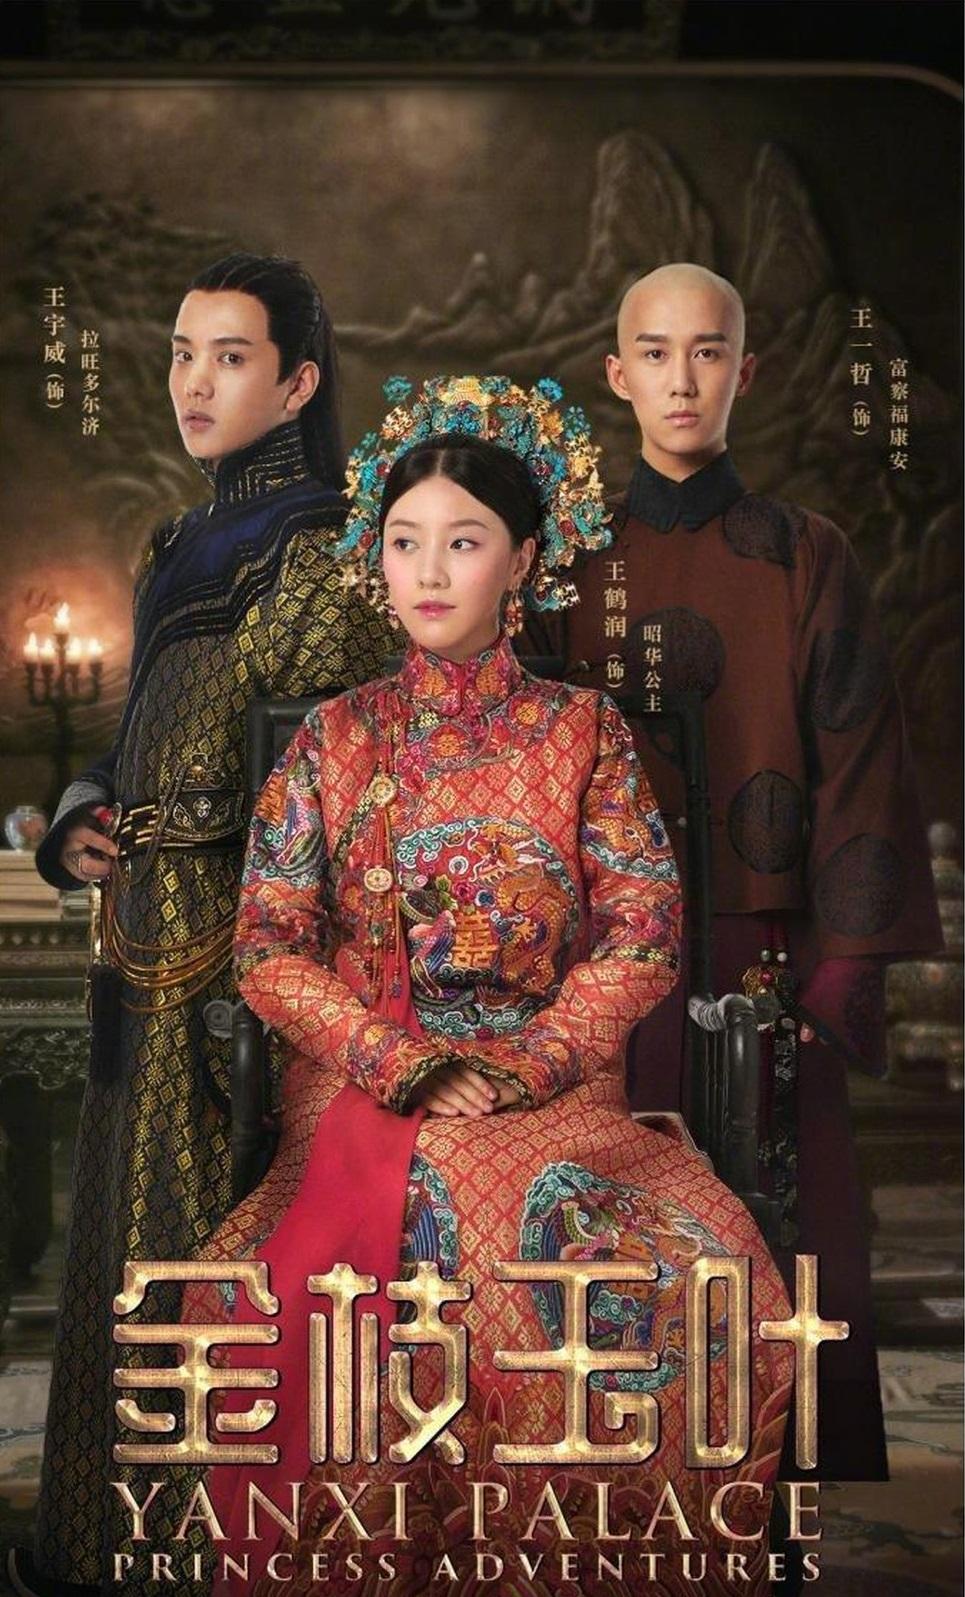 Xem Phim Diên Hi Công Lược: Lá Ngọc Cành Vàng - Yanxi Palace: Princess Adventures